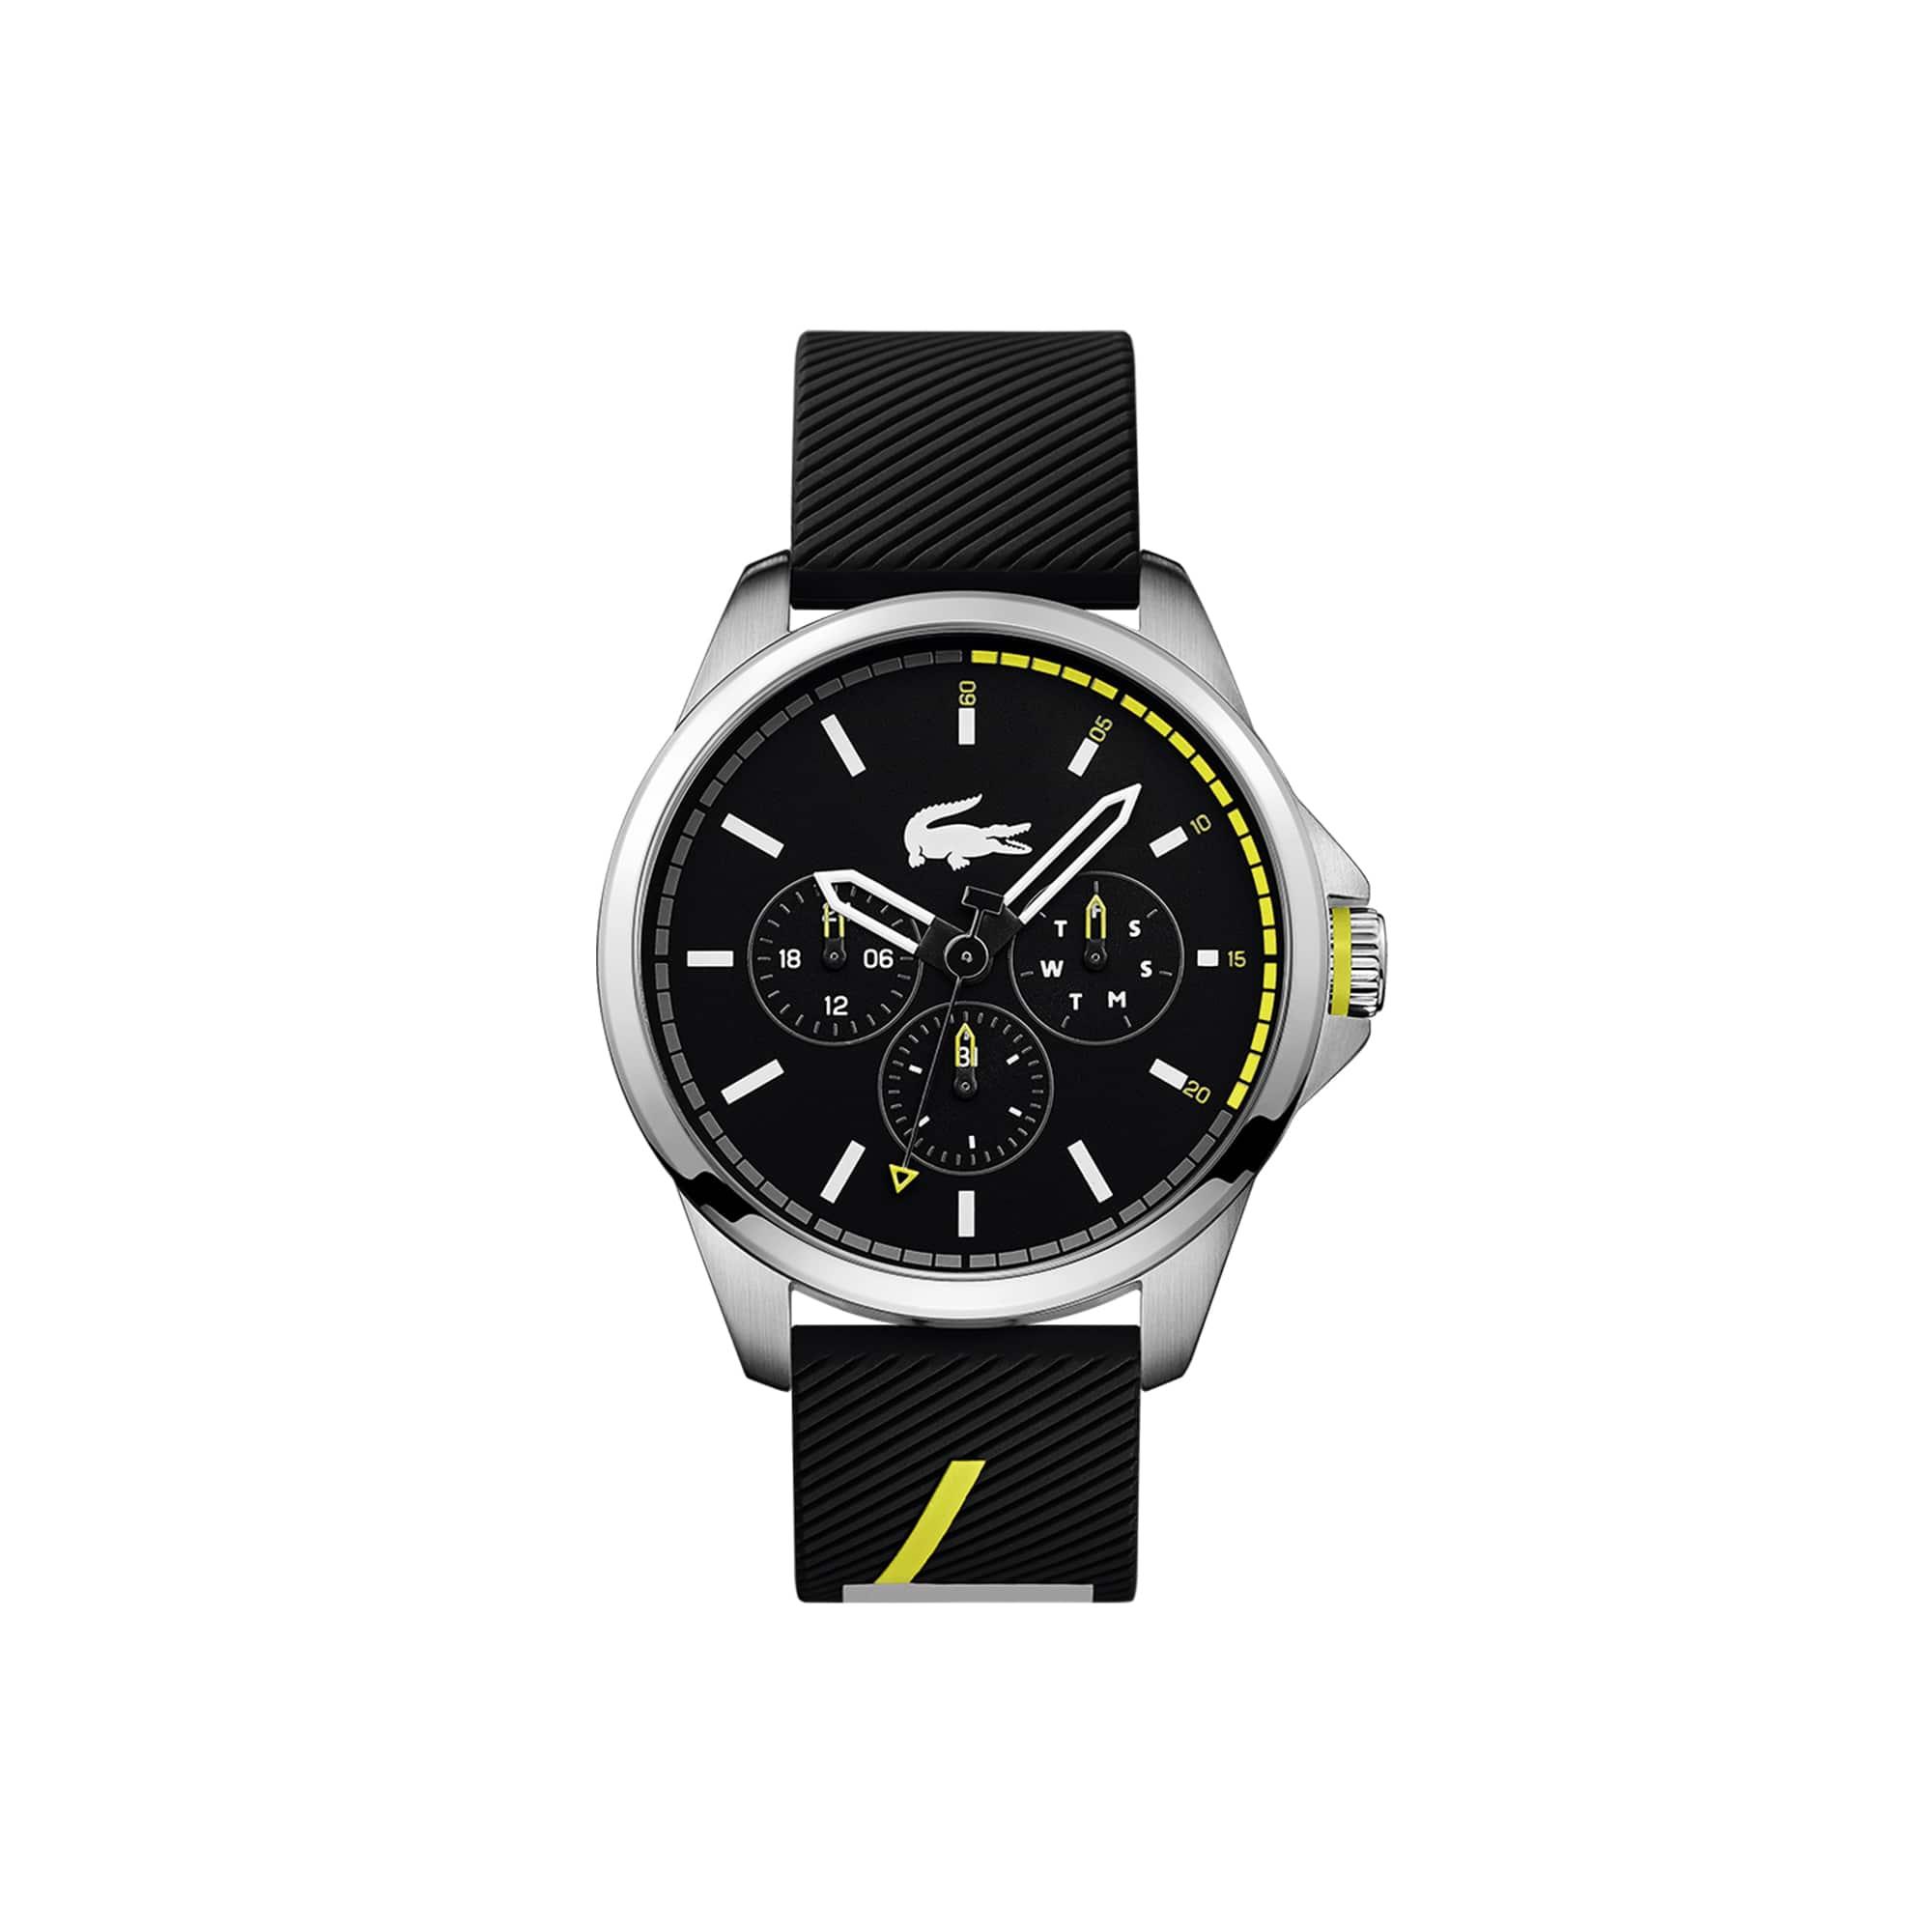 Reloj de Hombre Capbreton Multifunción con Correa de Silicona Negra